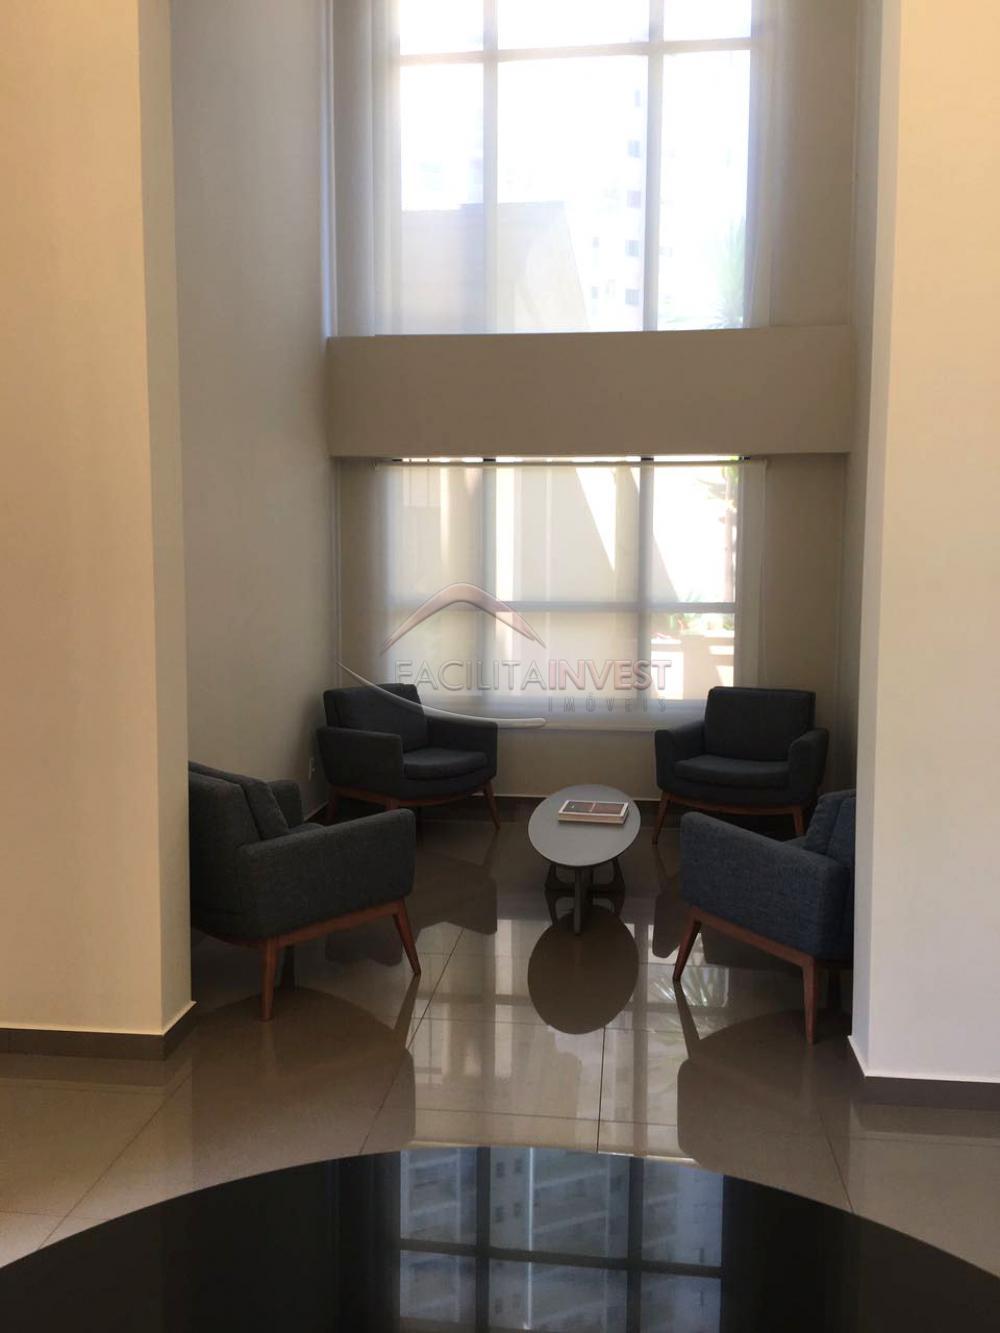 Comprar Apartamentos / Apart. Padrão em Ribeirão Preto apenas R$ 530.000,00 - Foto 28